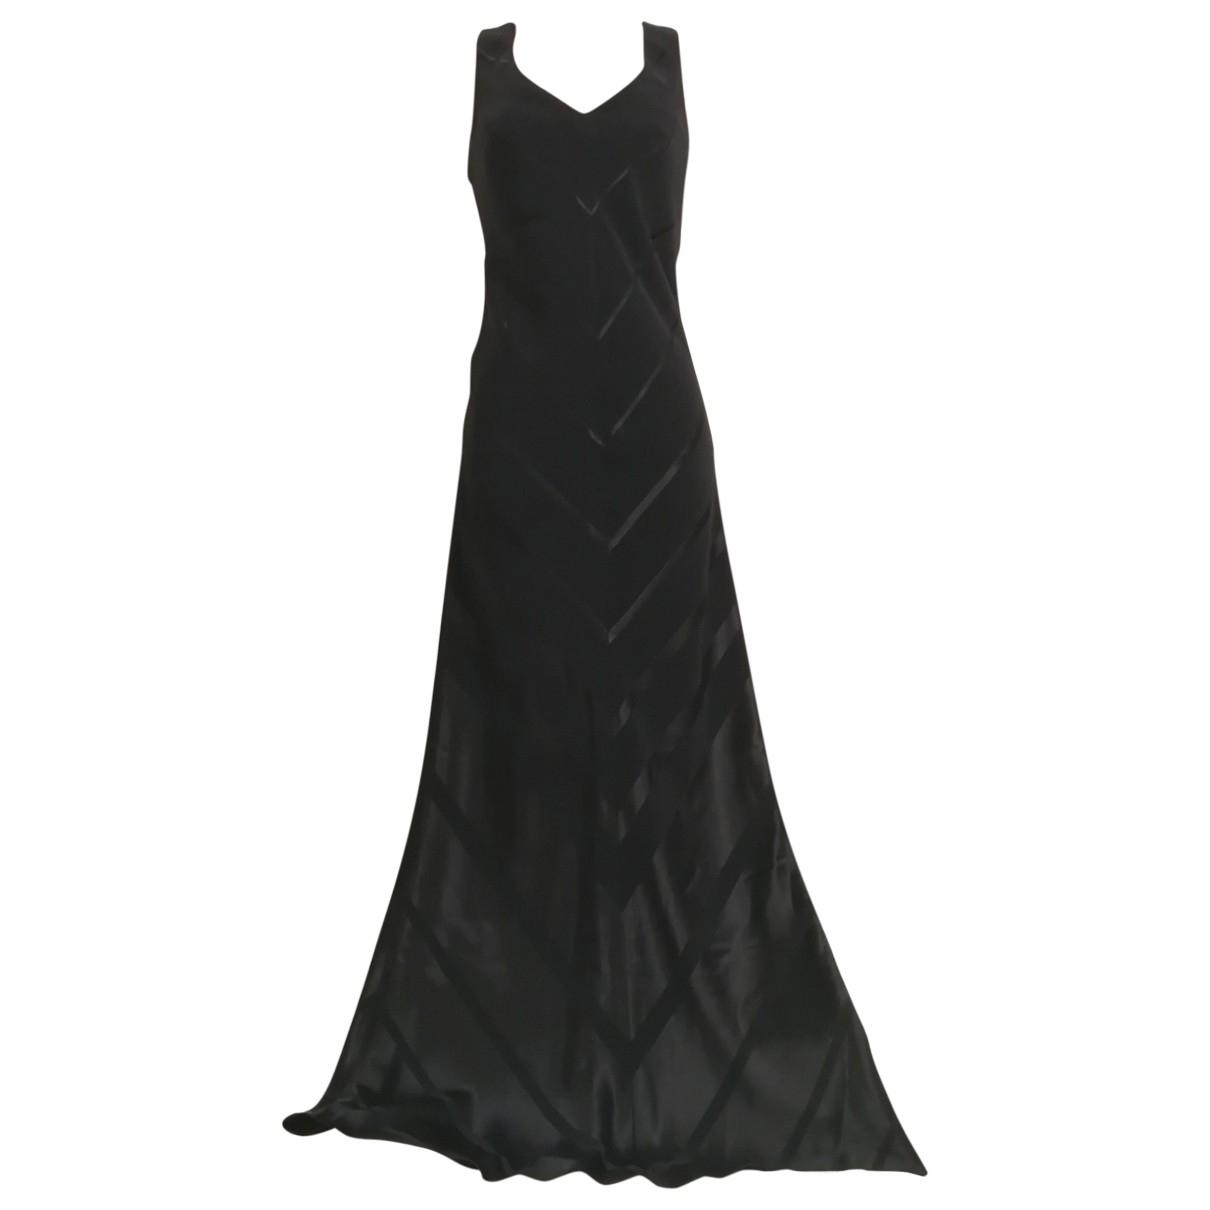 John Charles \N Kleid in  Schwarz Polyester